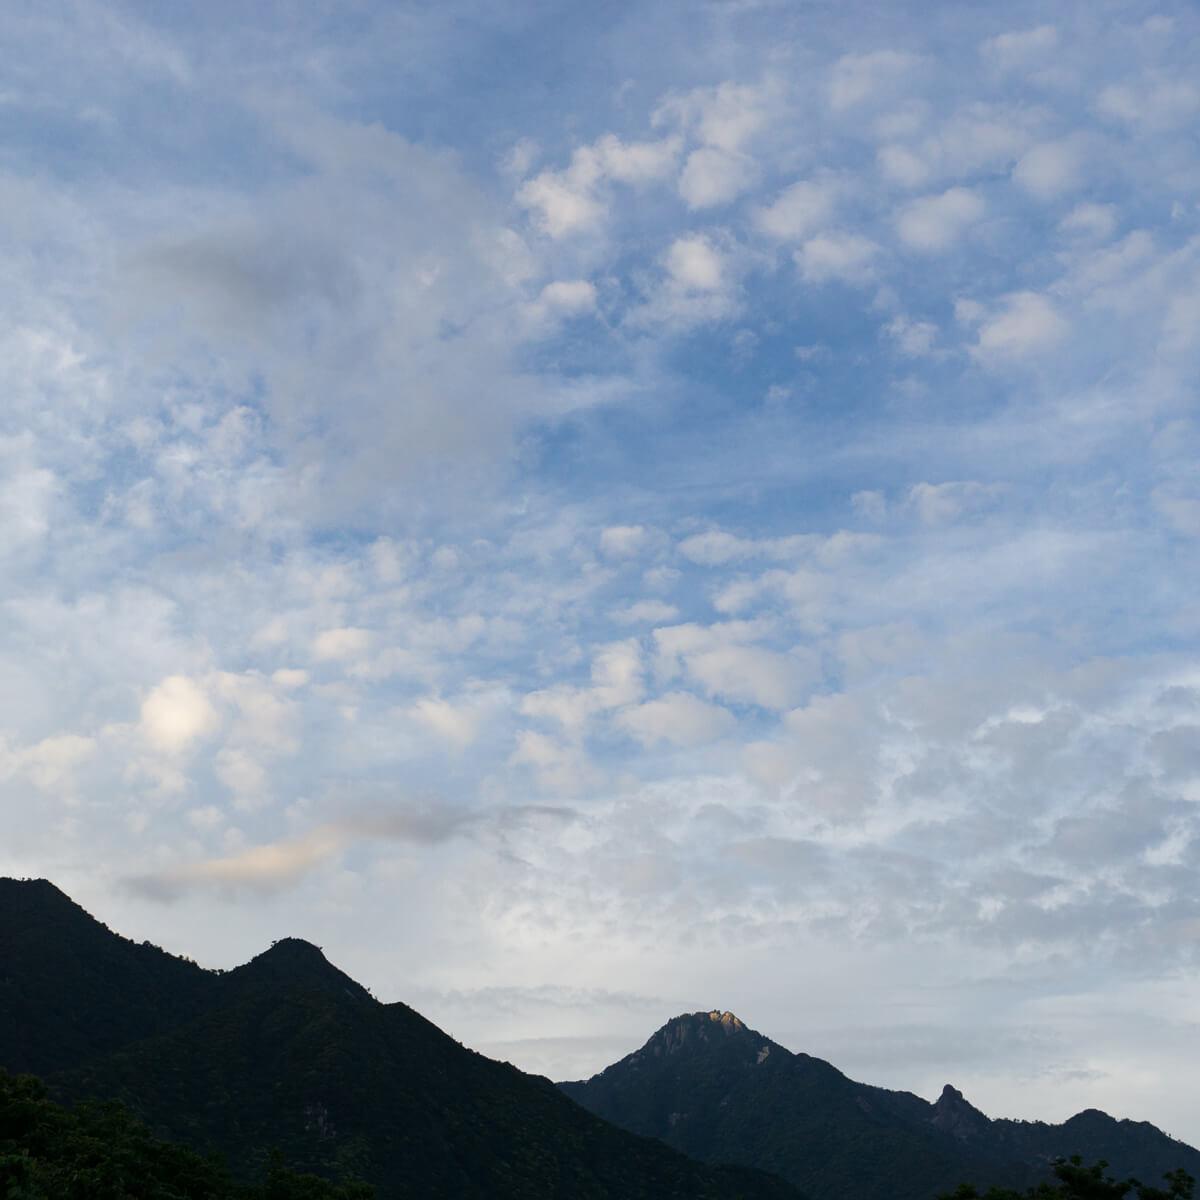 屋久島の山々、空 屋久島日々の暮らしとジュエリー オーダーメイドジュエリーのモチーフ